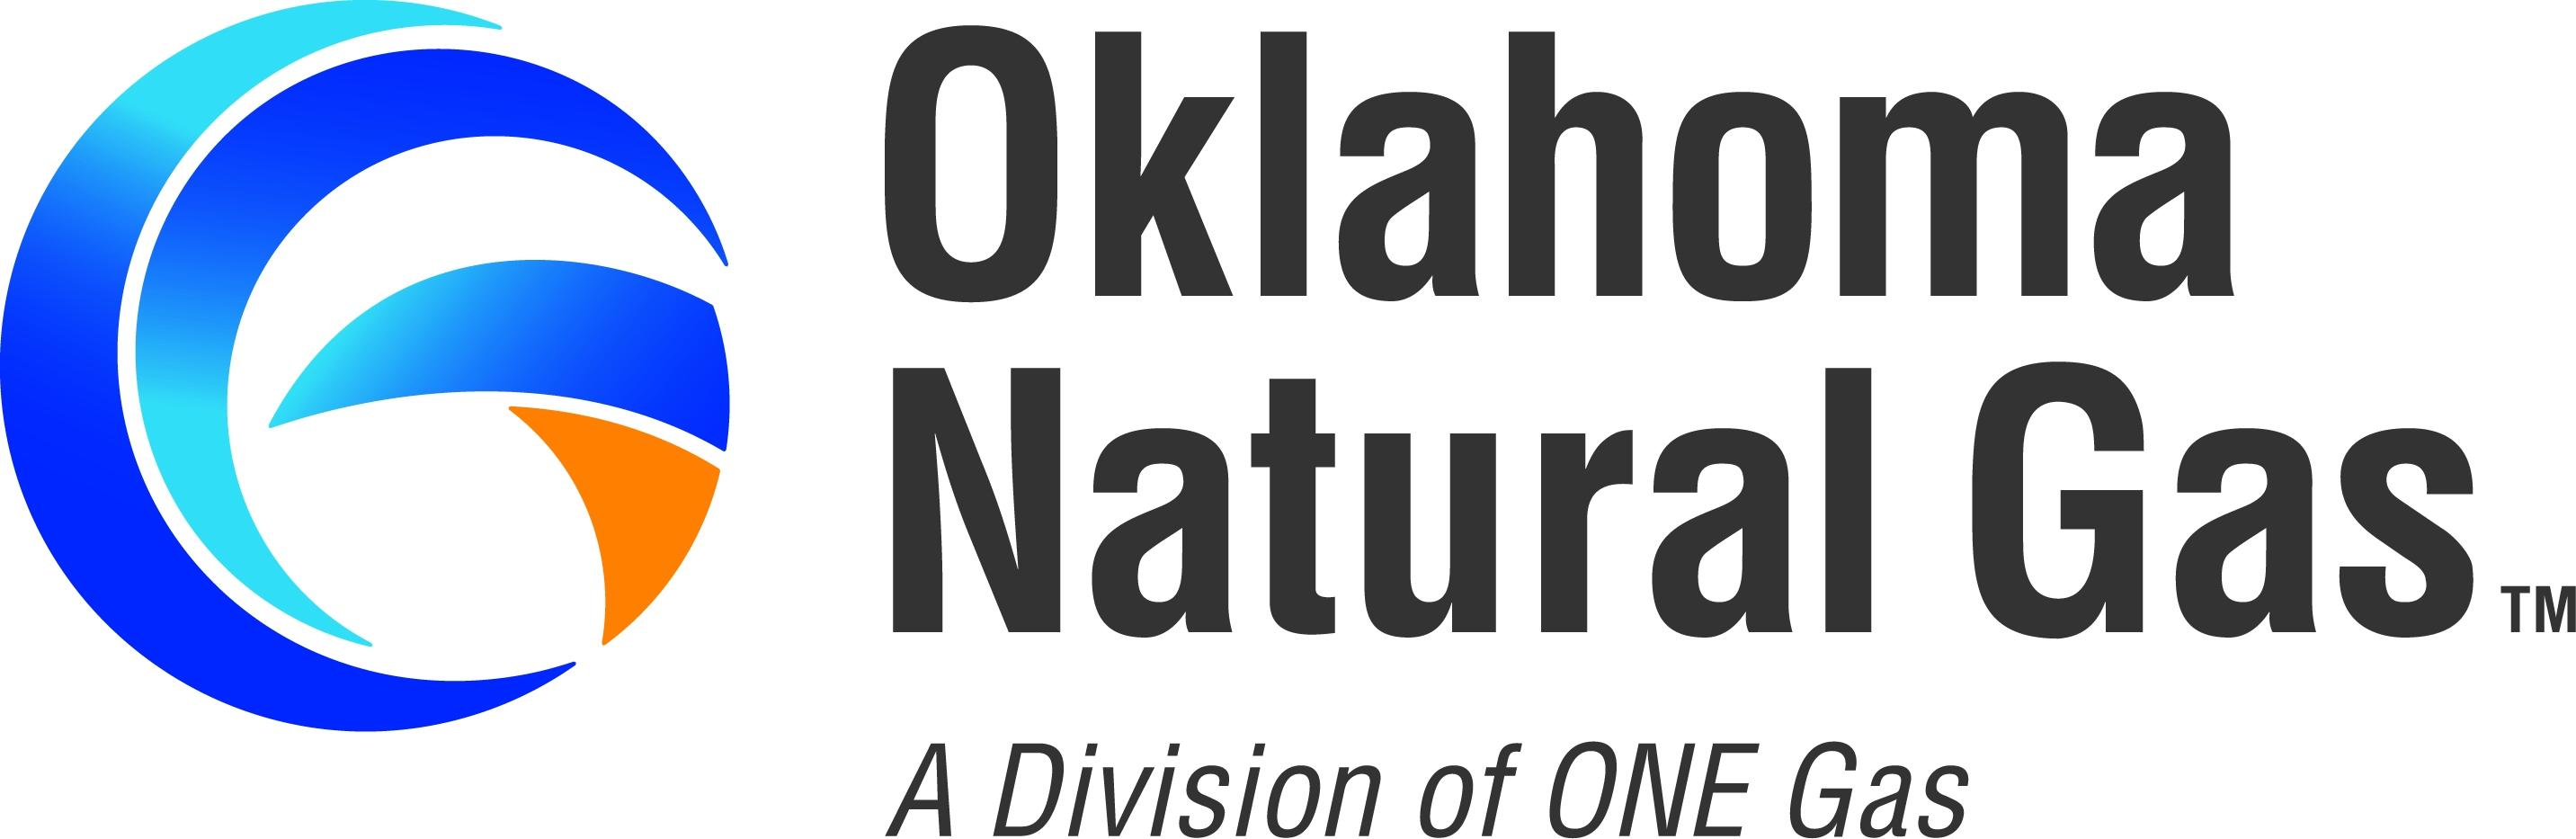 Tulsa Natural Gas Company